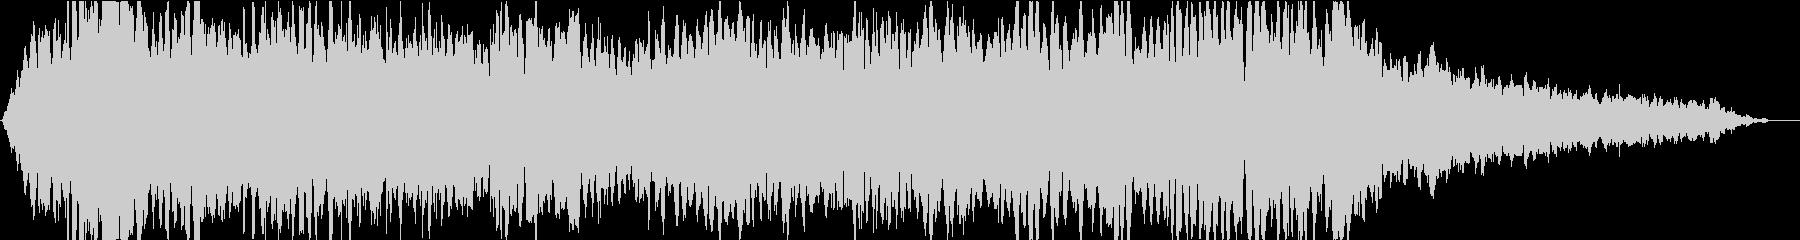 ドローン クレイジーエレファント02の未再生の波形